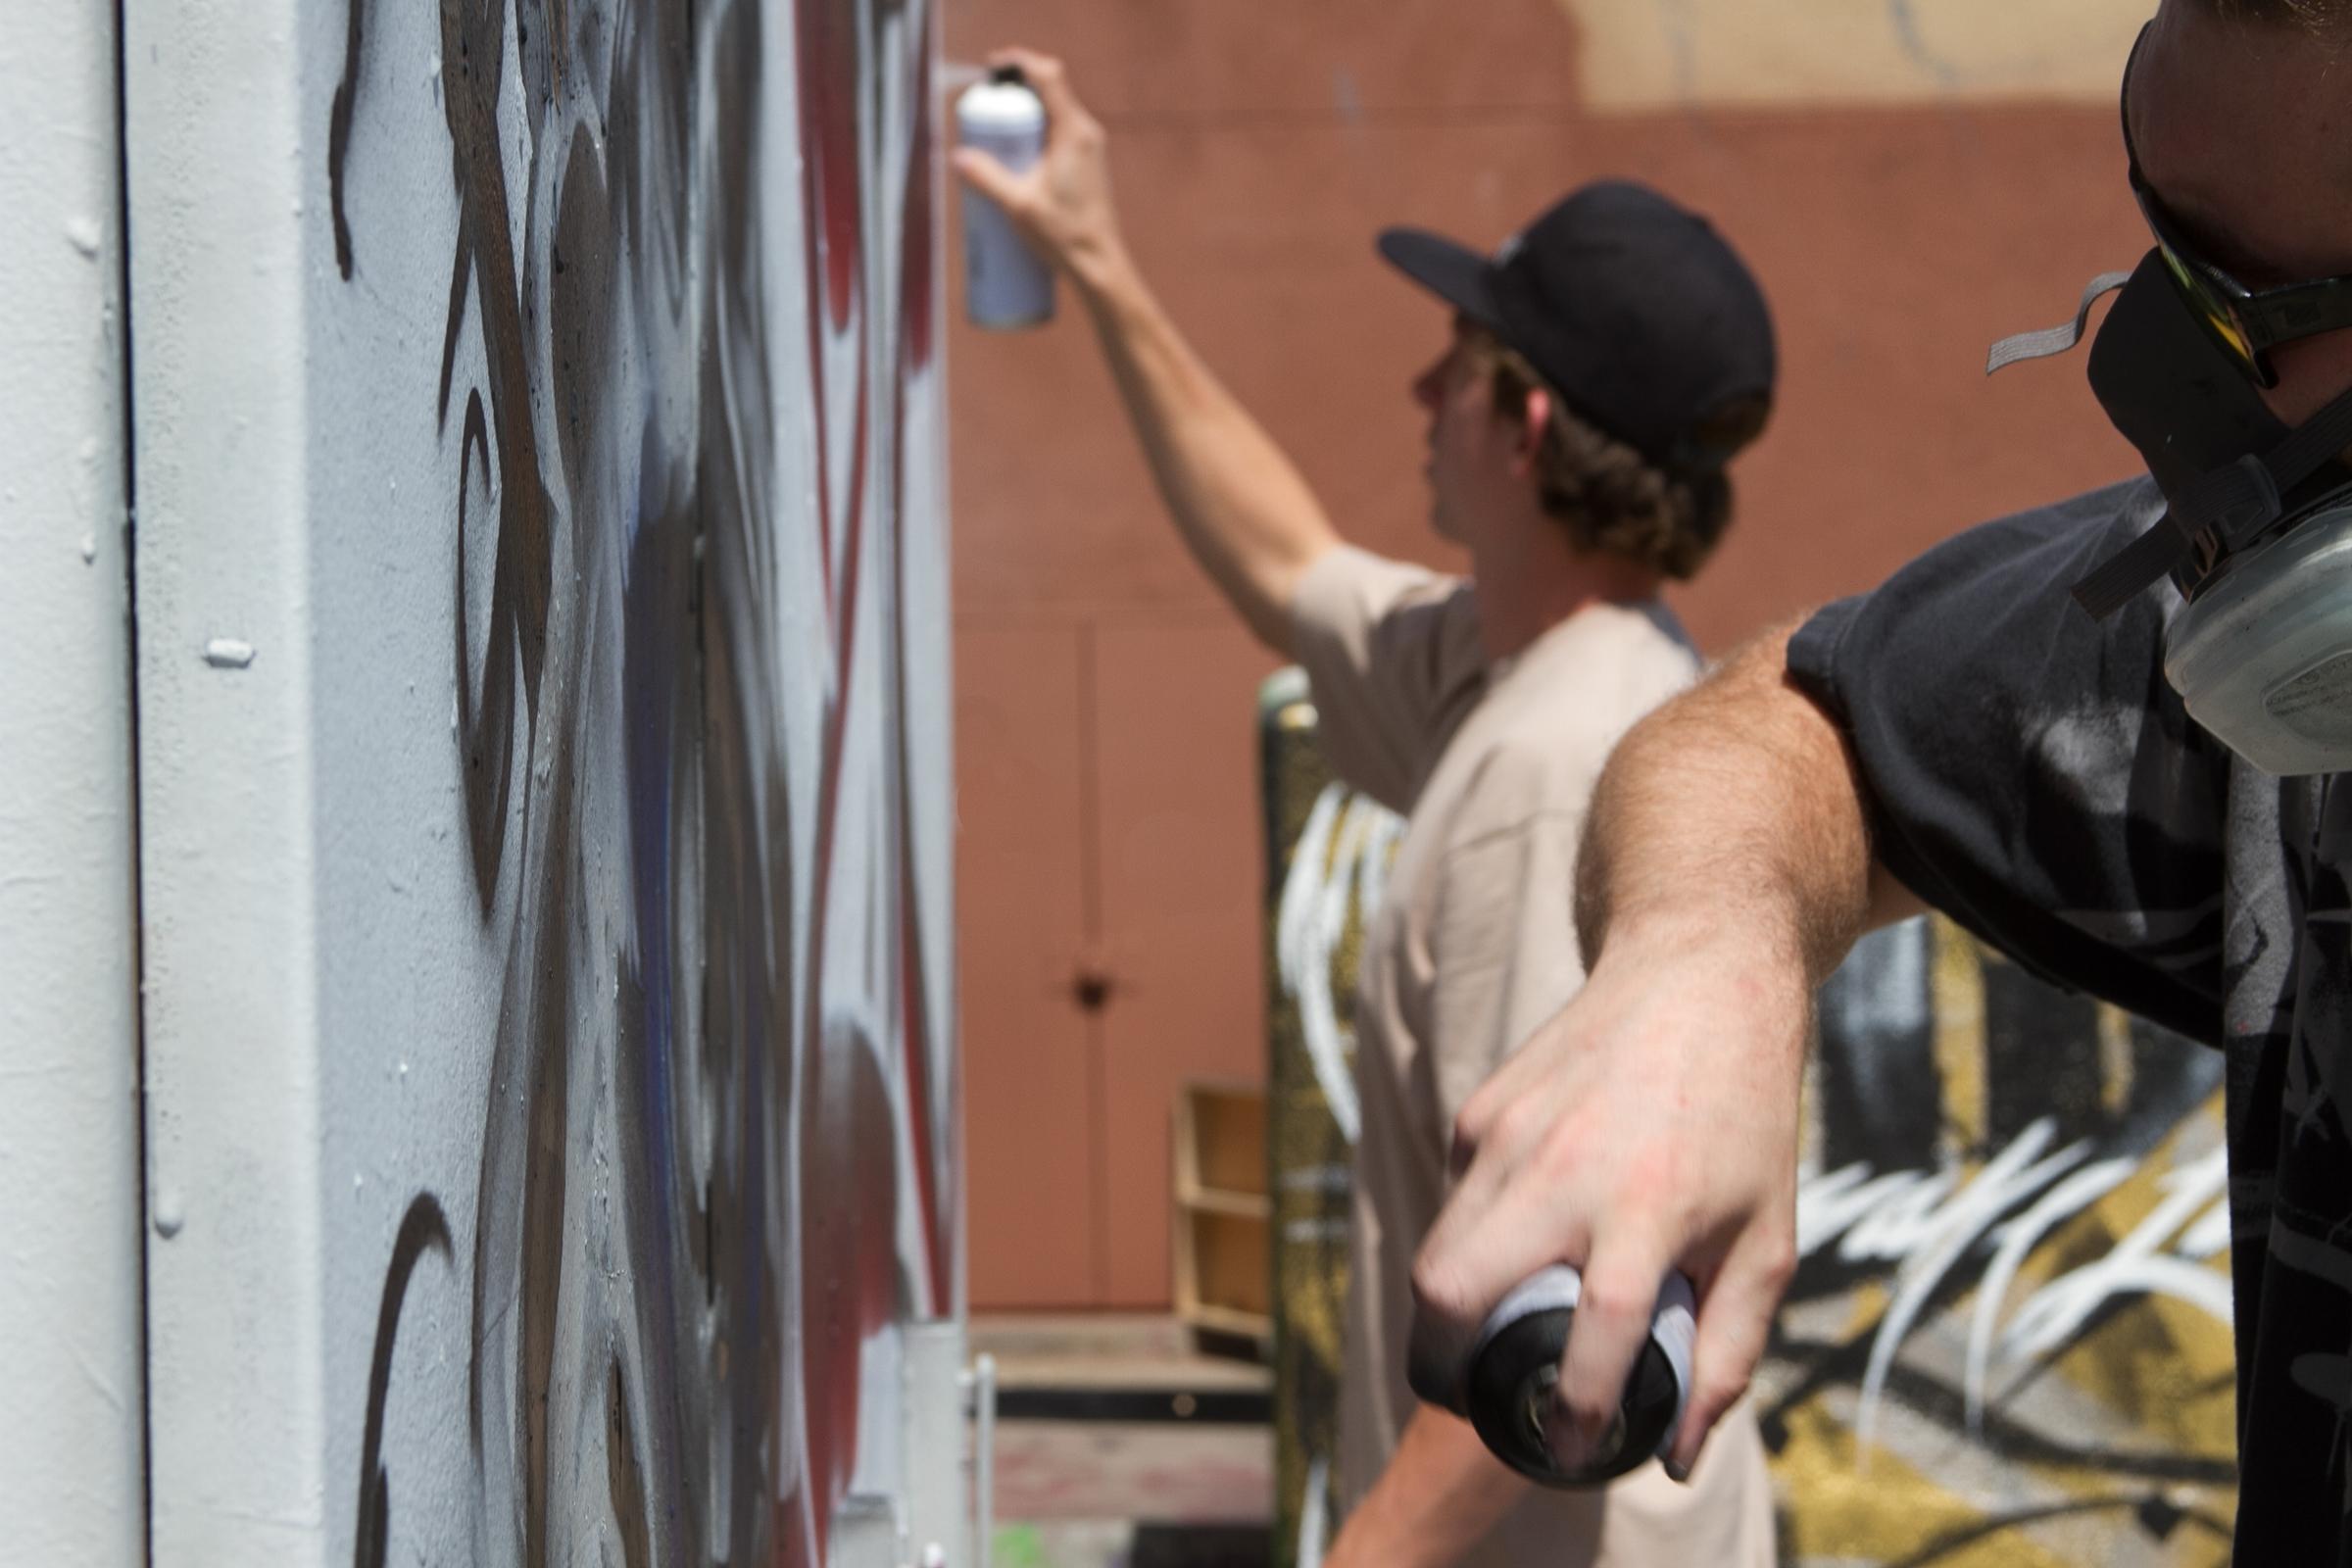 MTN graffiti